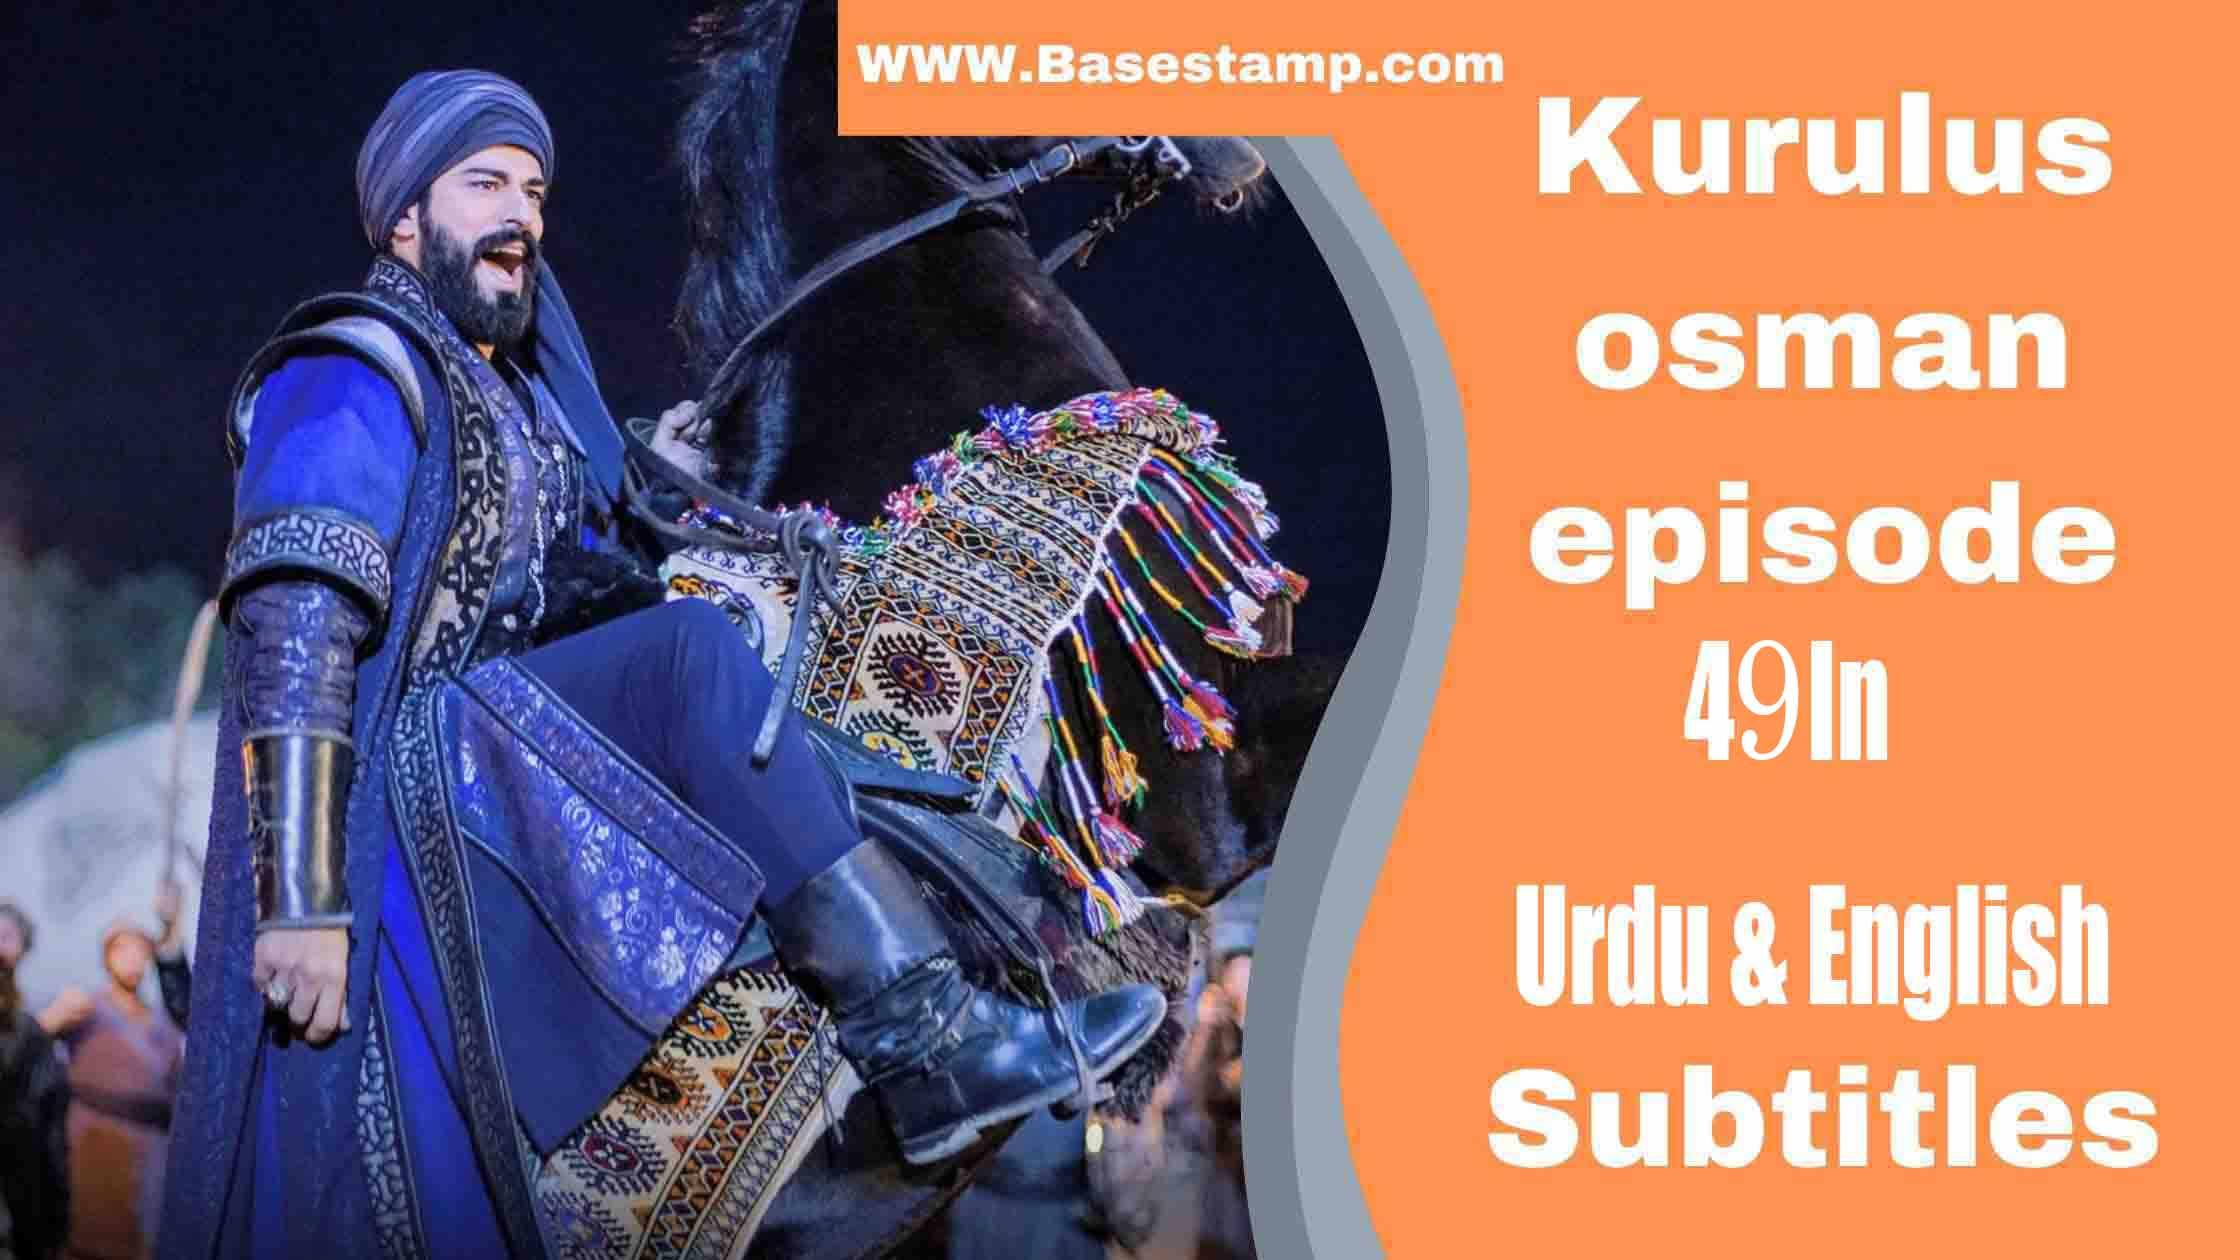 Kurulus Osman Episode 49 In Urdu & English Subtitles 1080p HD